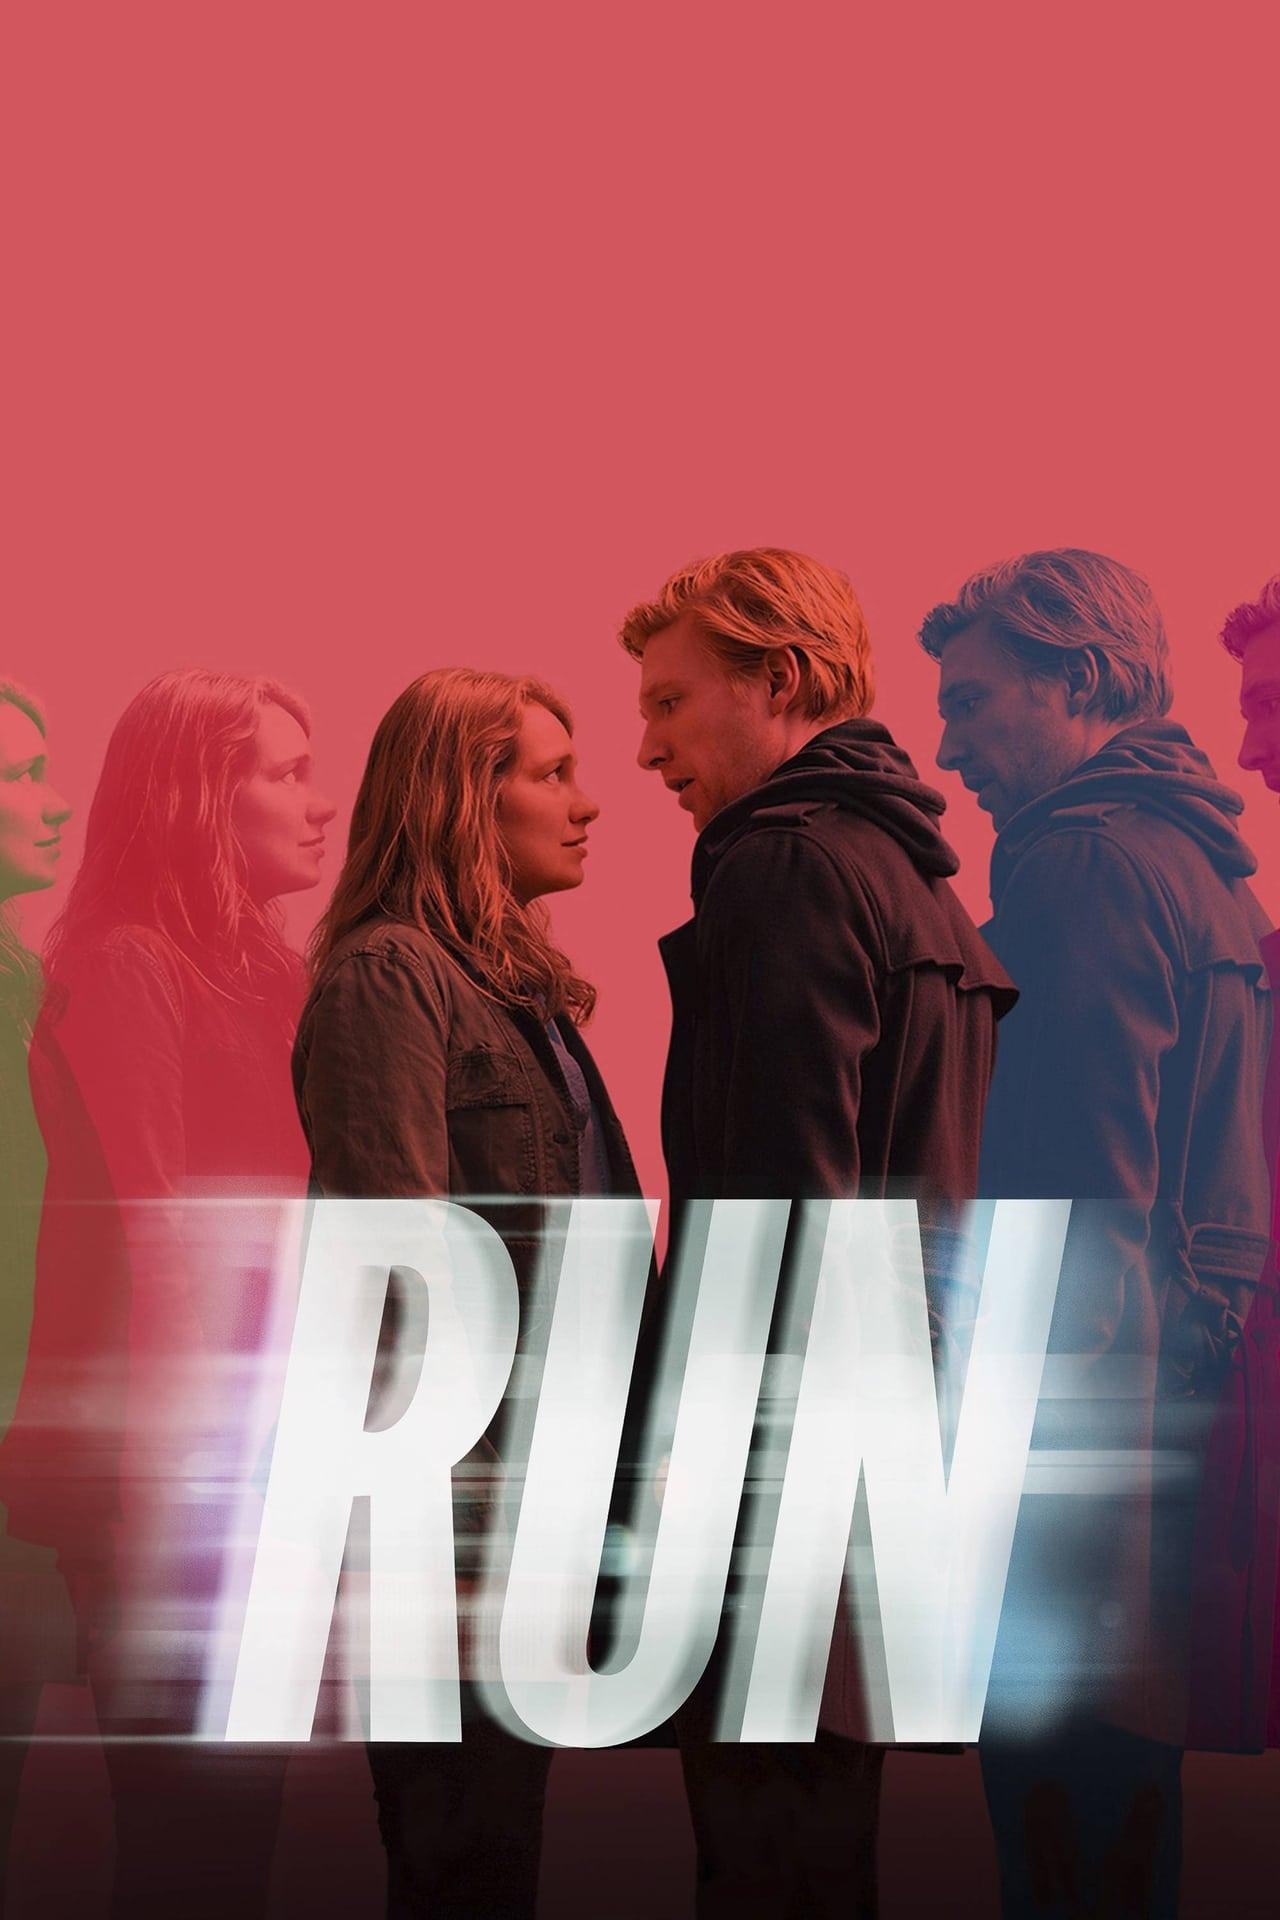 watch serie Run Season 1 online free